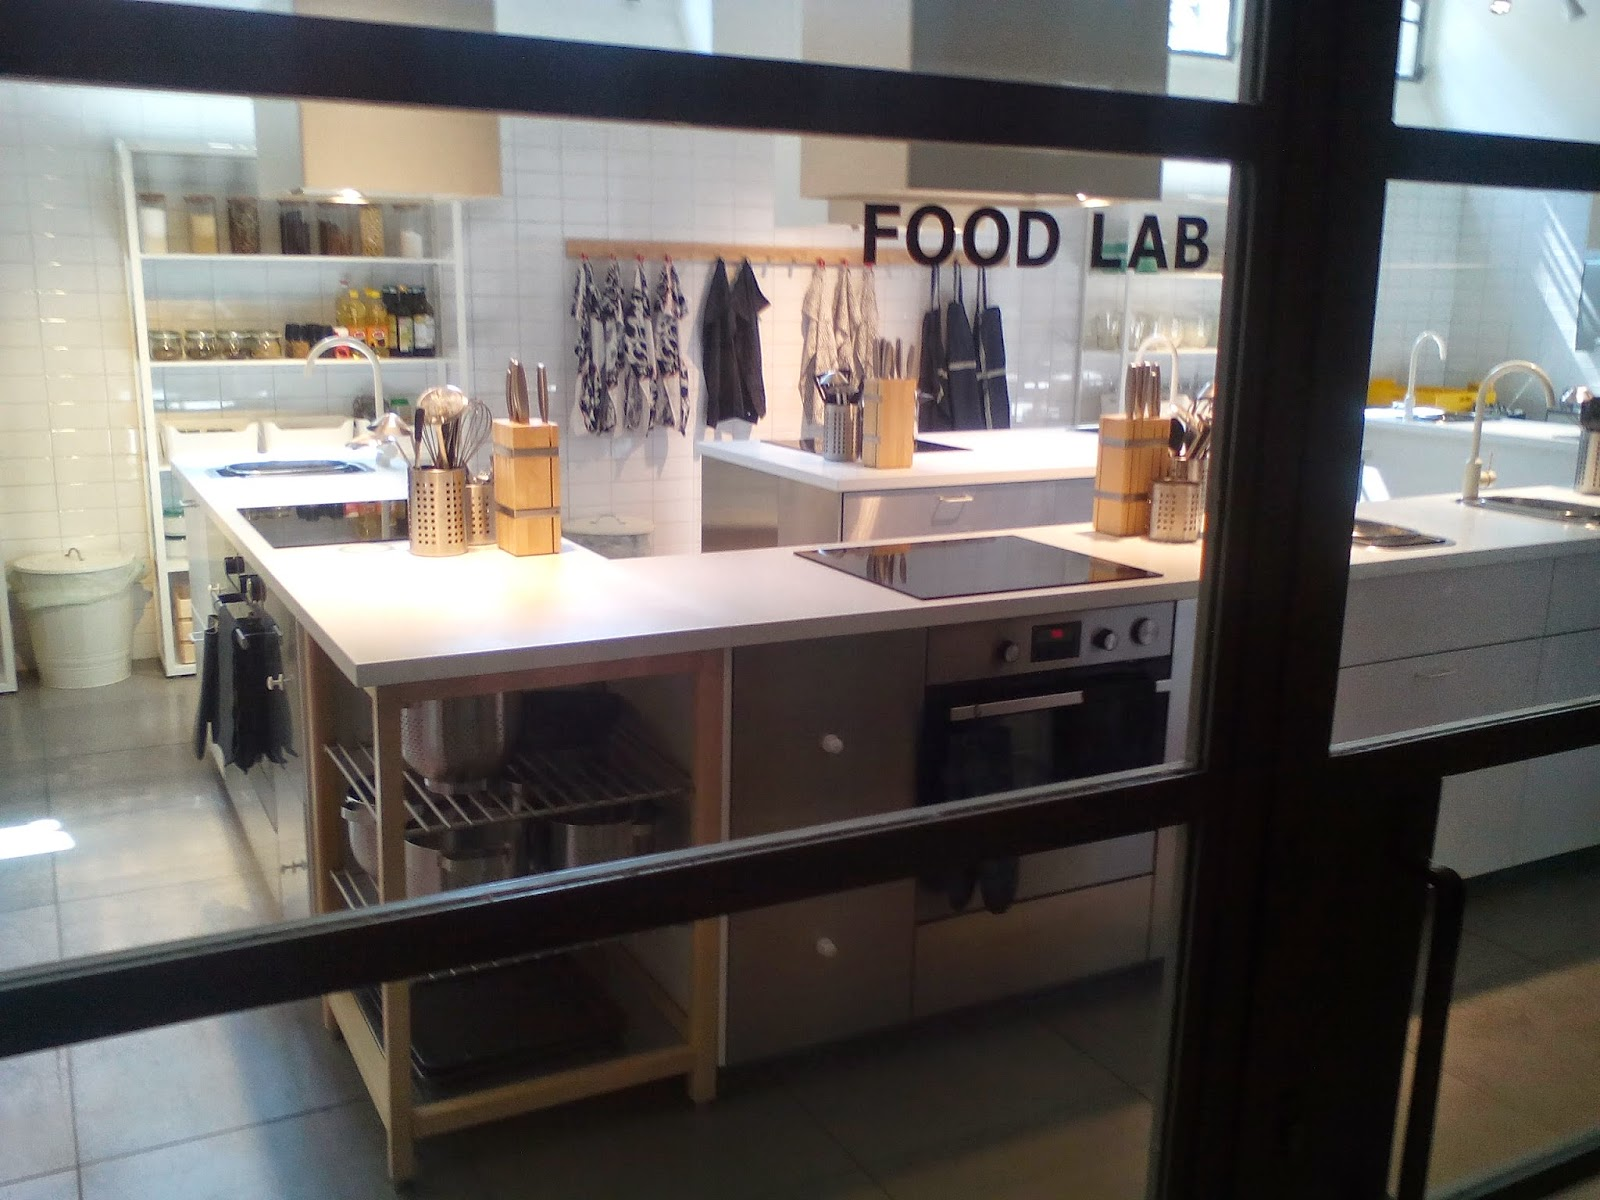 Pianetacibo: La Cucina (Ikea?) è La Stanza Più Bella Della Casa #846C47 1600 1200 Disegnare Cucina Ikea